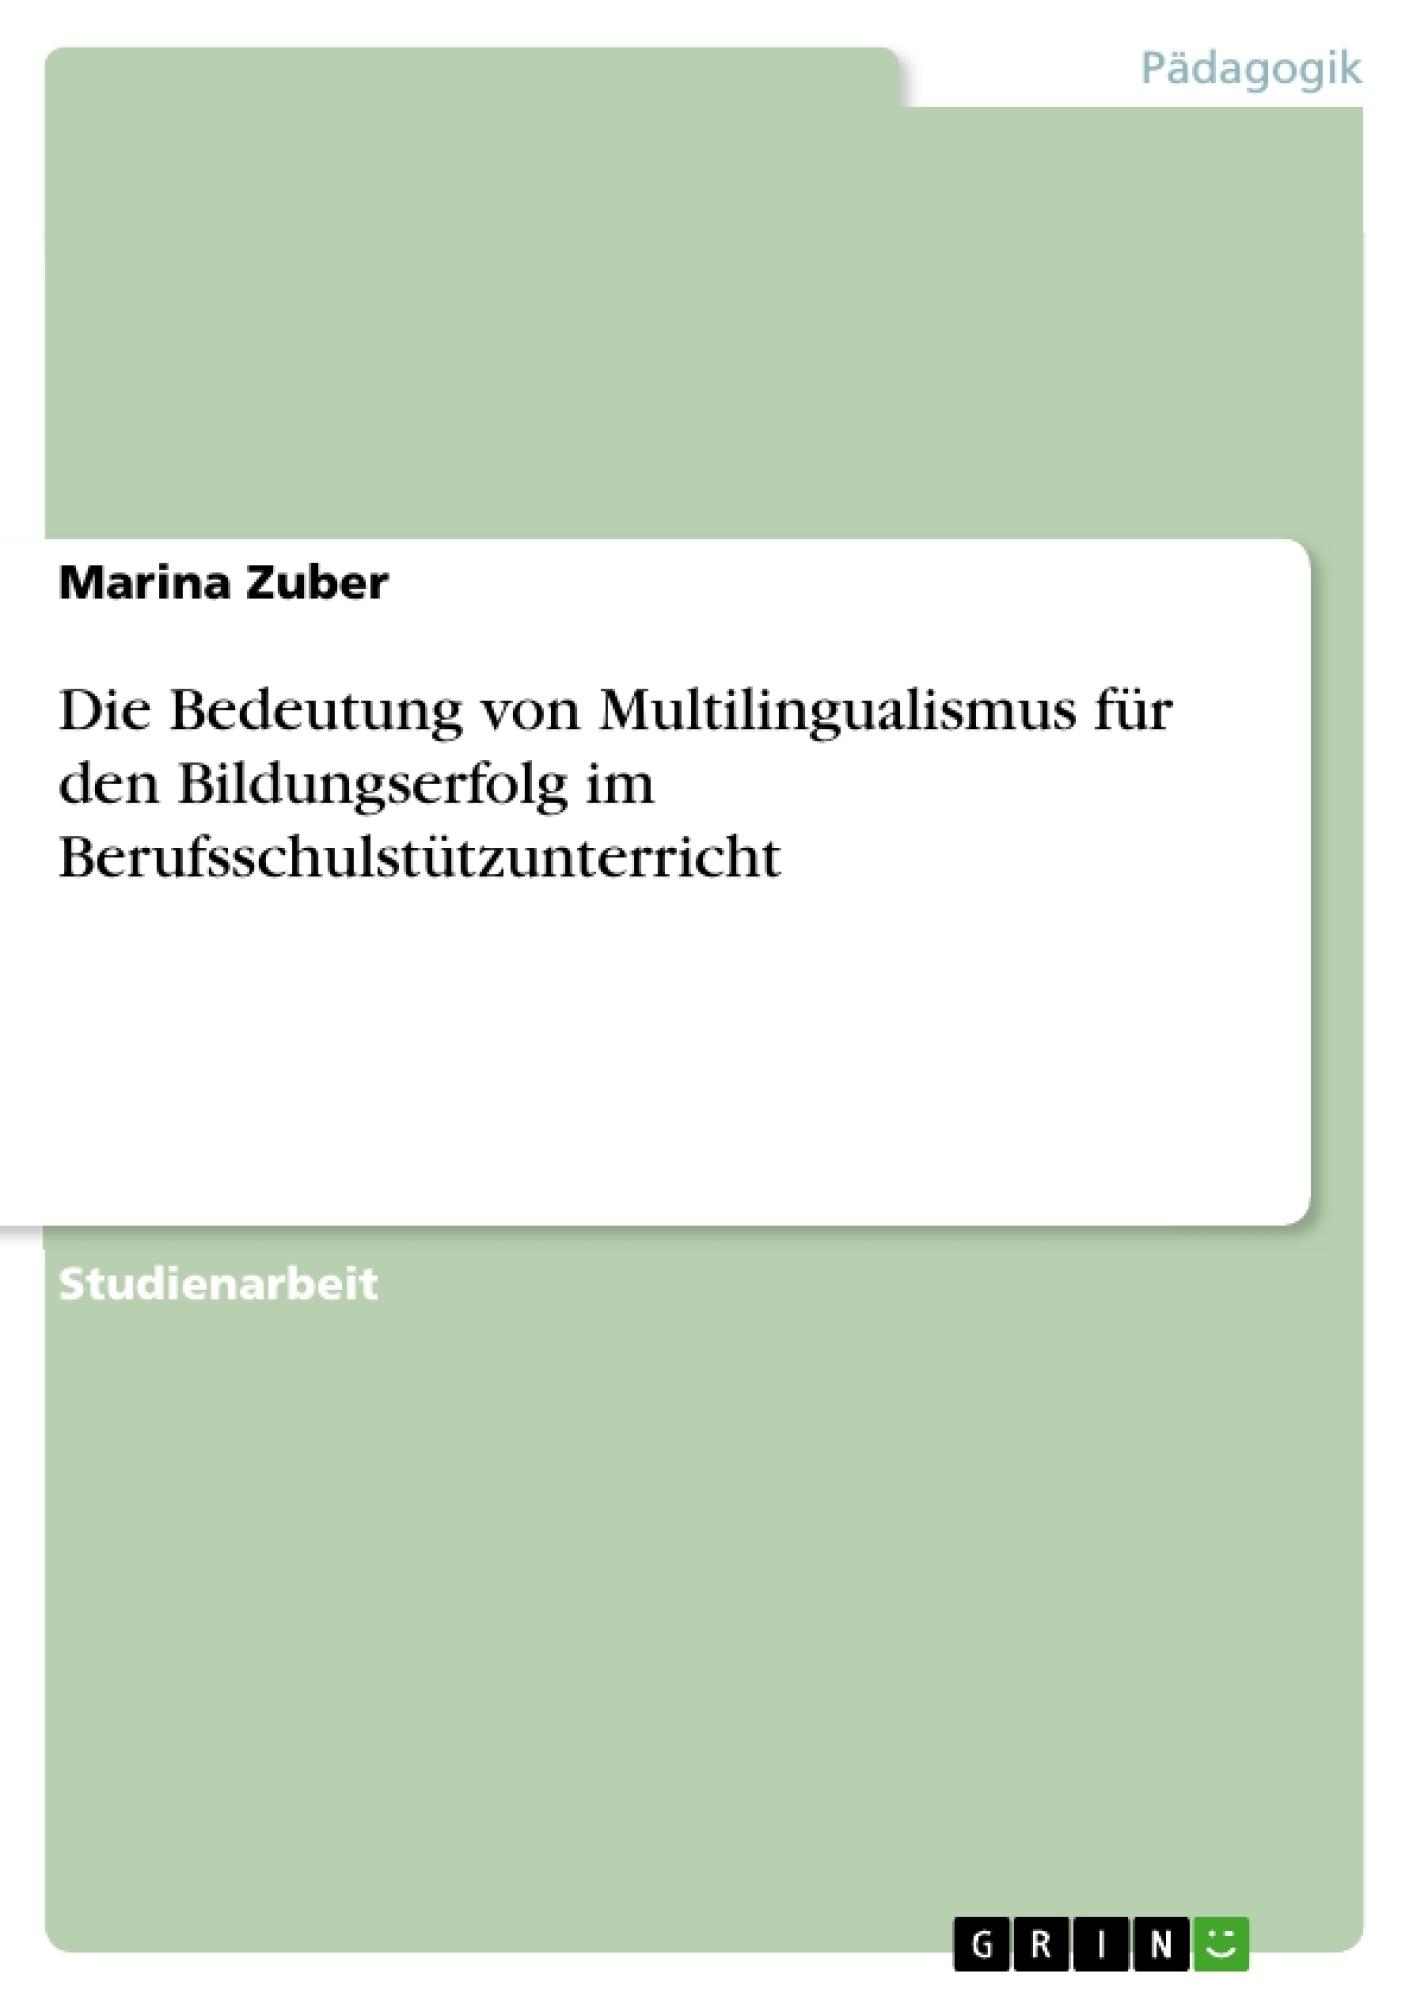 Titel: Die Bedeutung von Multilingualismus für den Bildungserfolg im Berufsschulstützunterricht